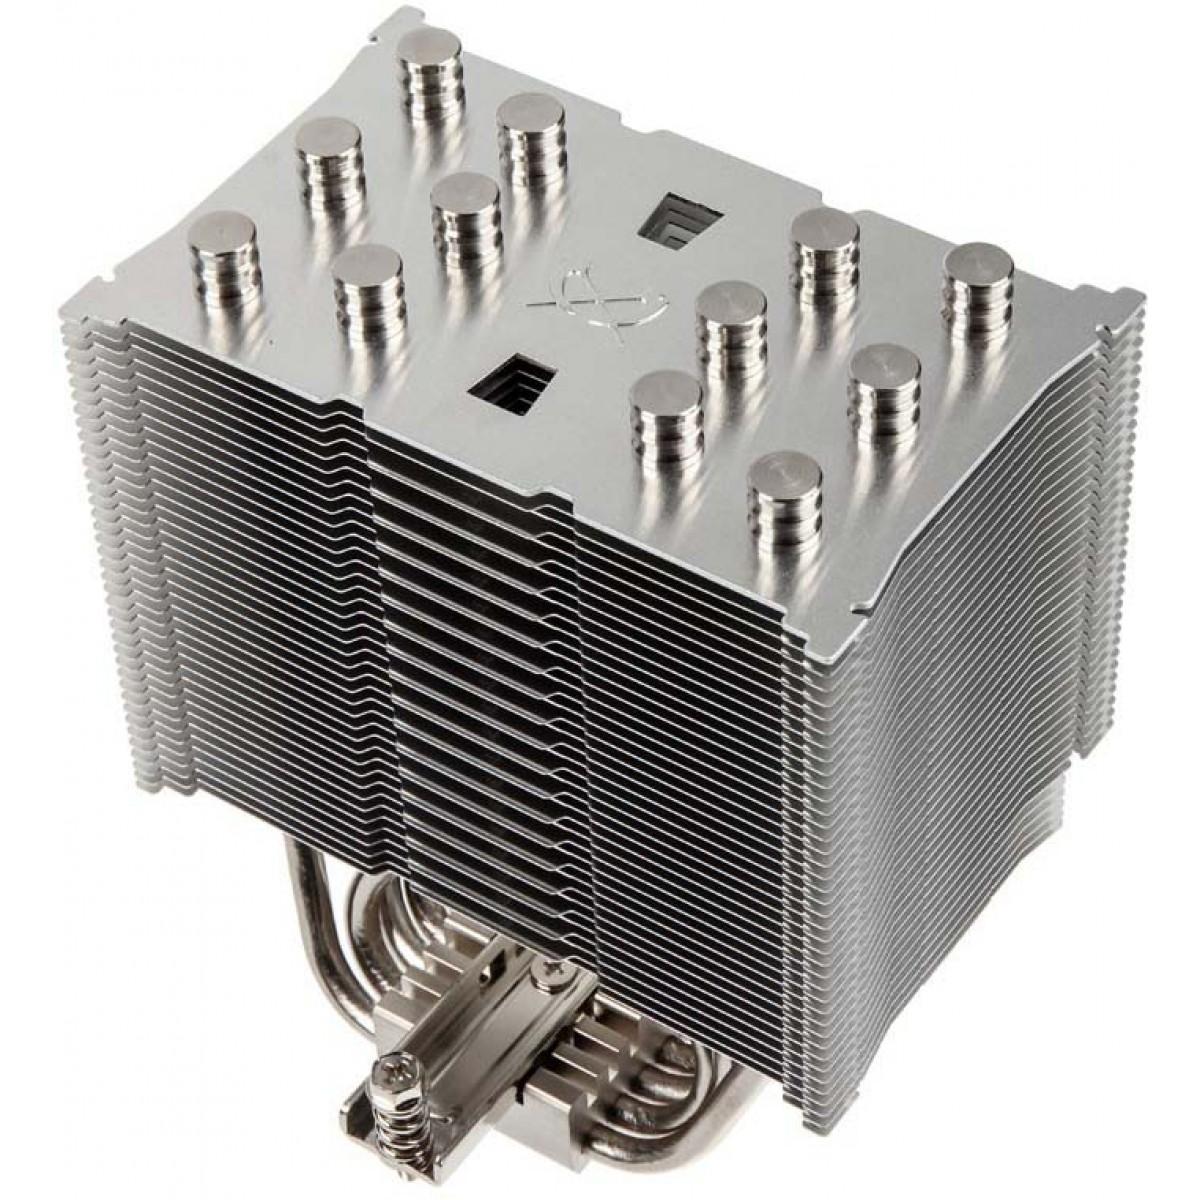 Cooler para Processador Scythe Mugen 5 Rev.B 120mm, Intel-AMD, SCMG-5100